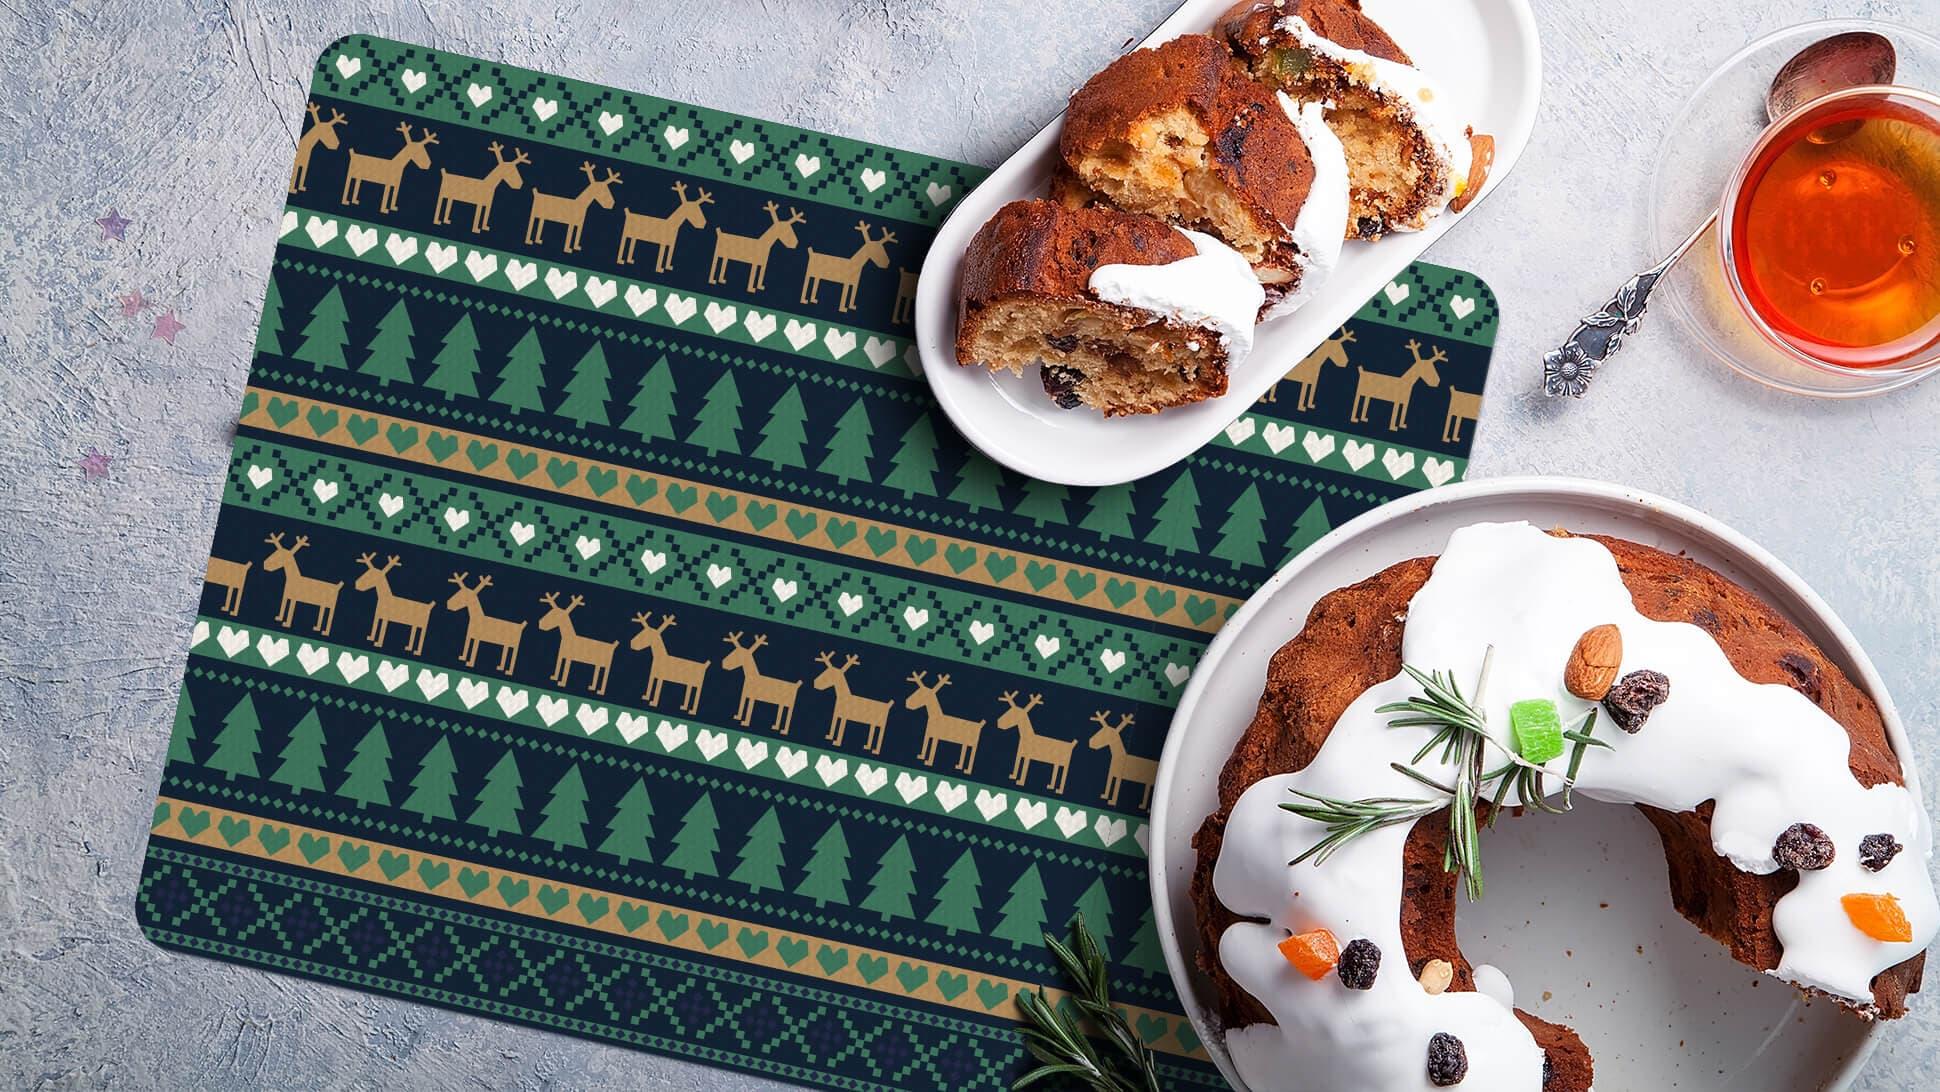 Tovagliette per festività natalizie ideali per ristoranti | tictac.it